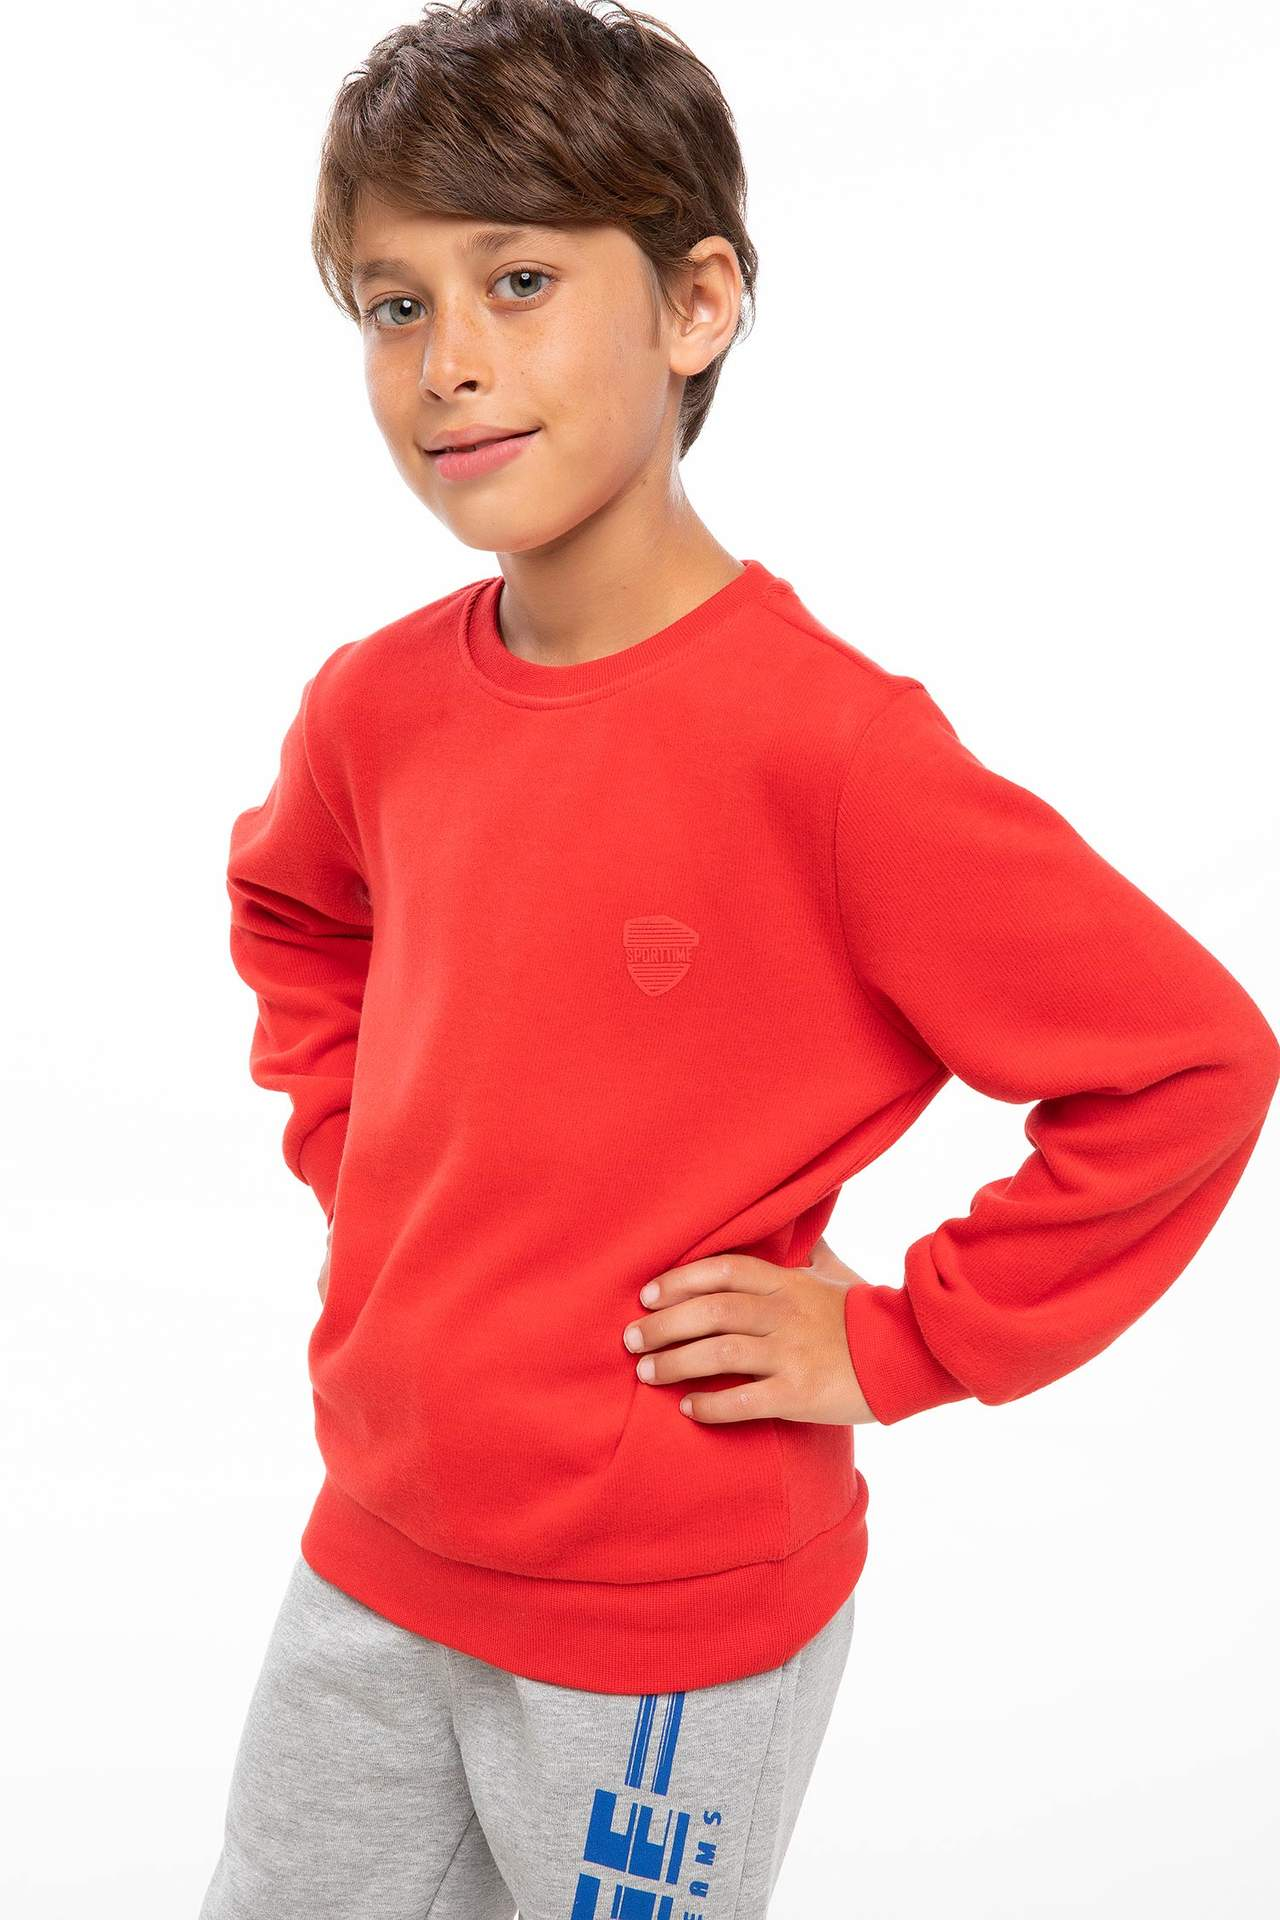 DeFacto Erkek Çocuk Basic Sweatshirt Kırmızı male